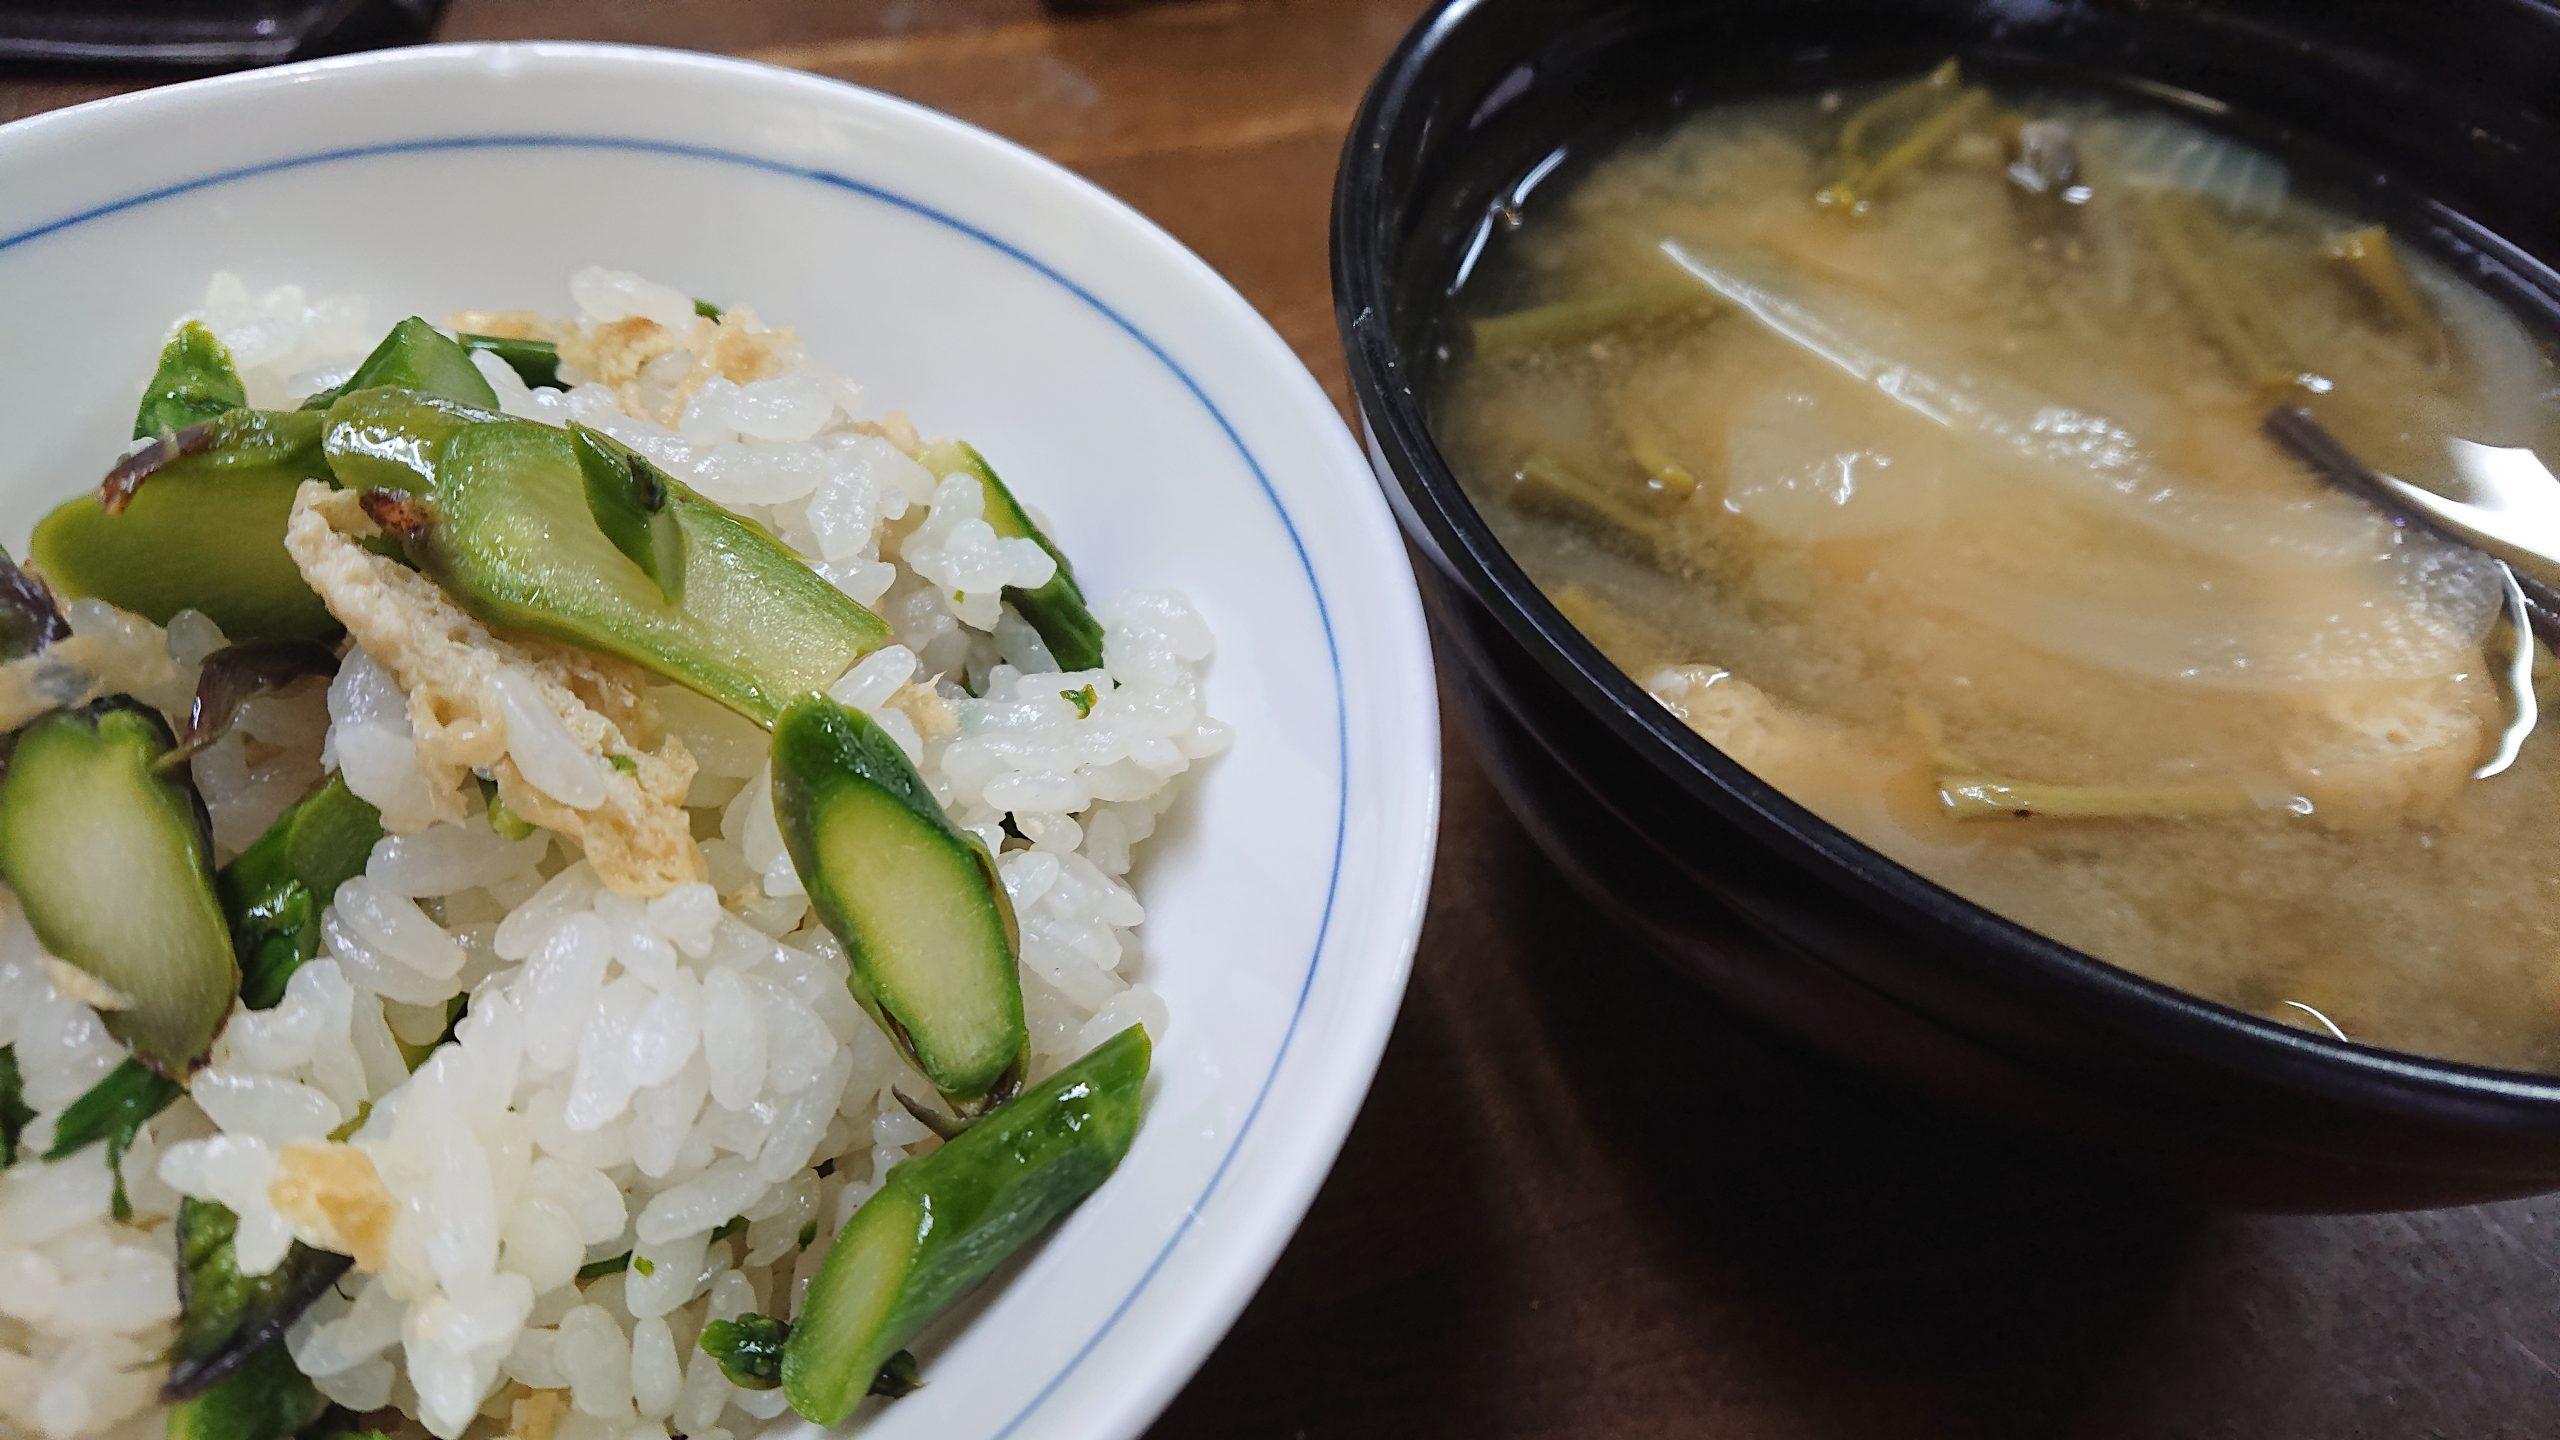 アスパラの混ぜご飯とワラビの味噌汁